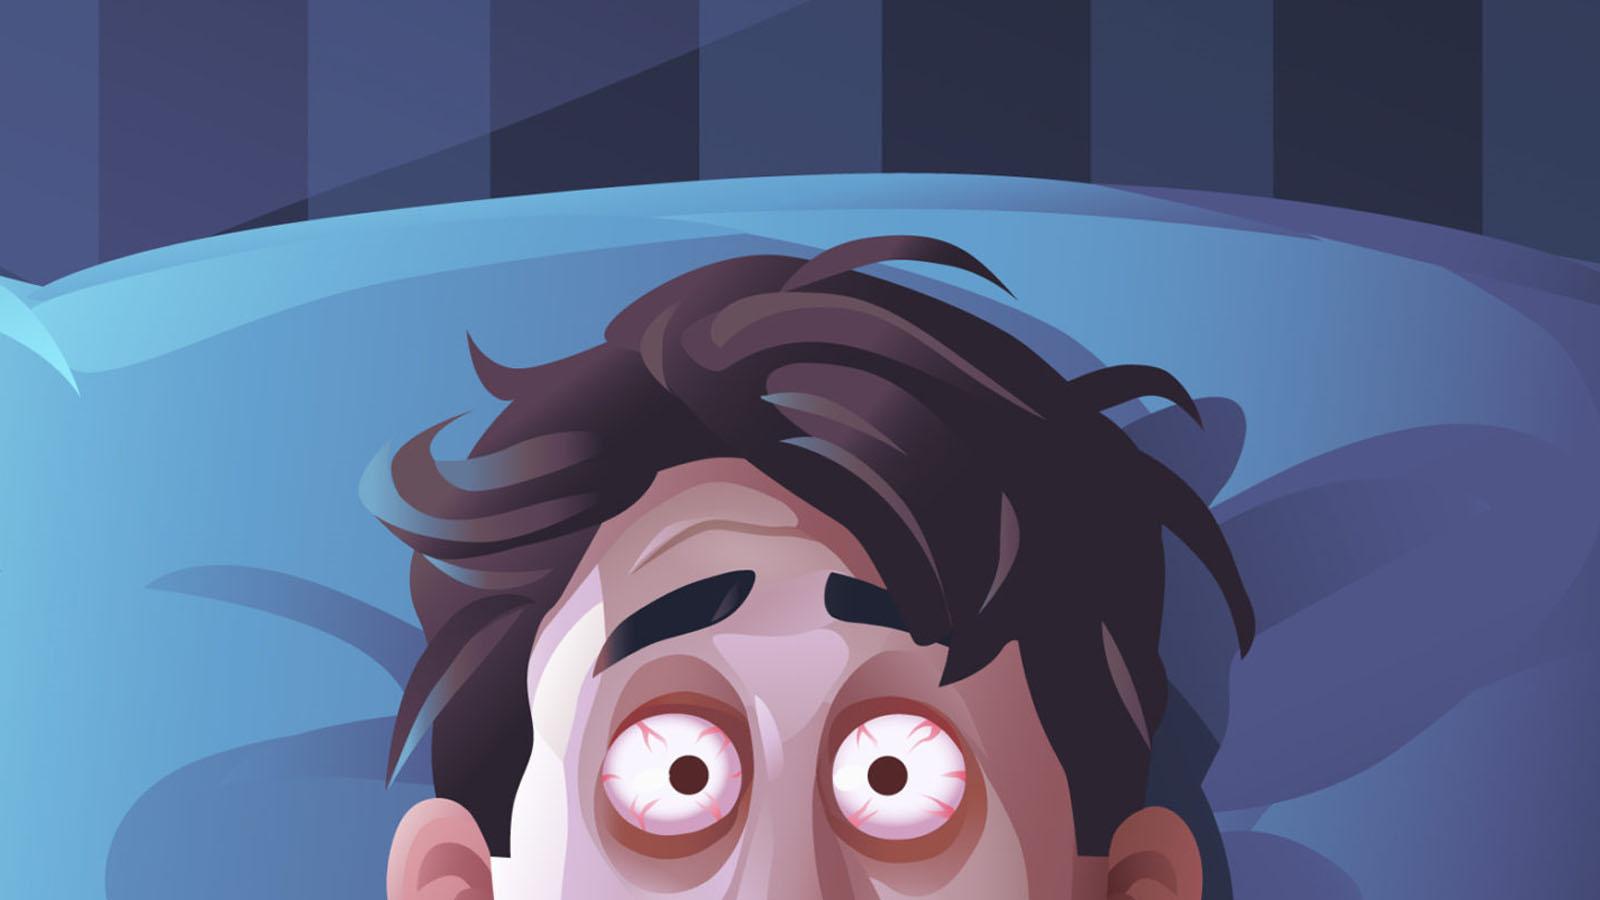 El sueño SÍ se recupera! La travesía de no dormir en cuarentena no ...